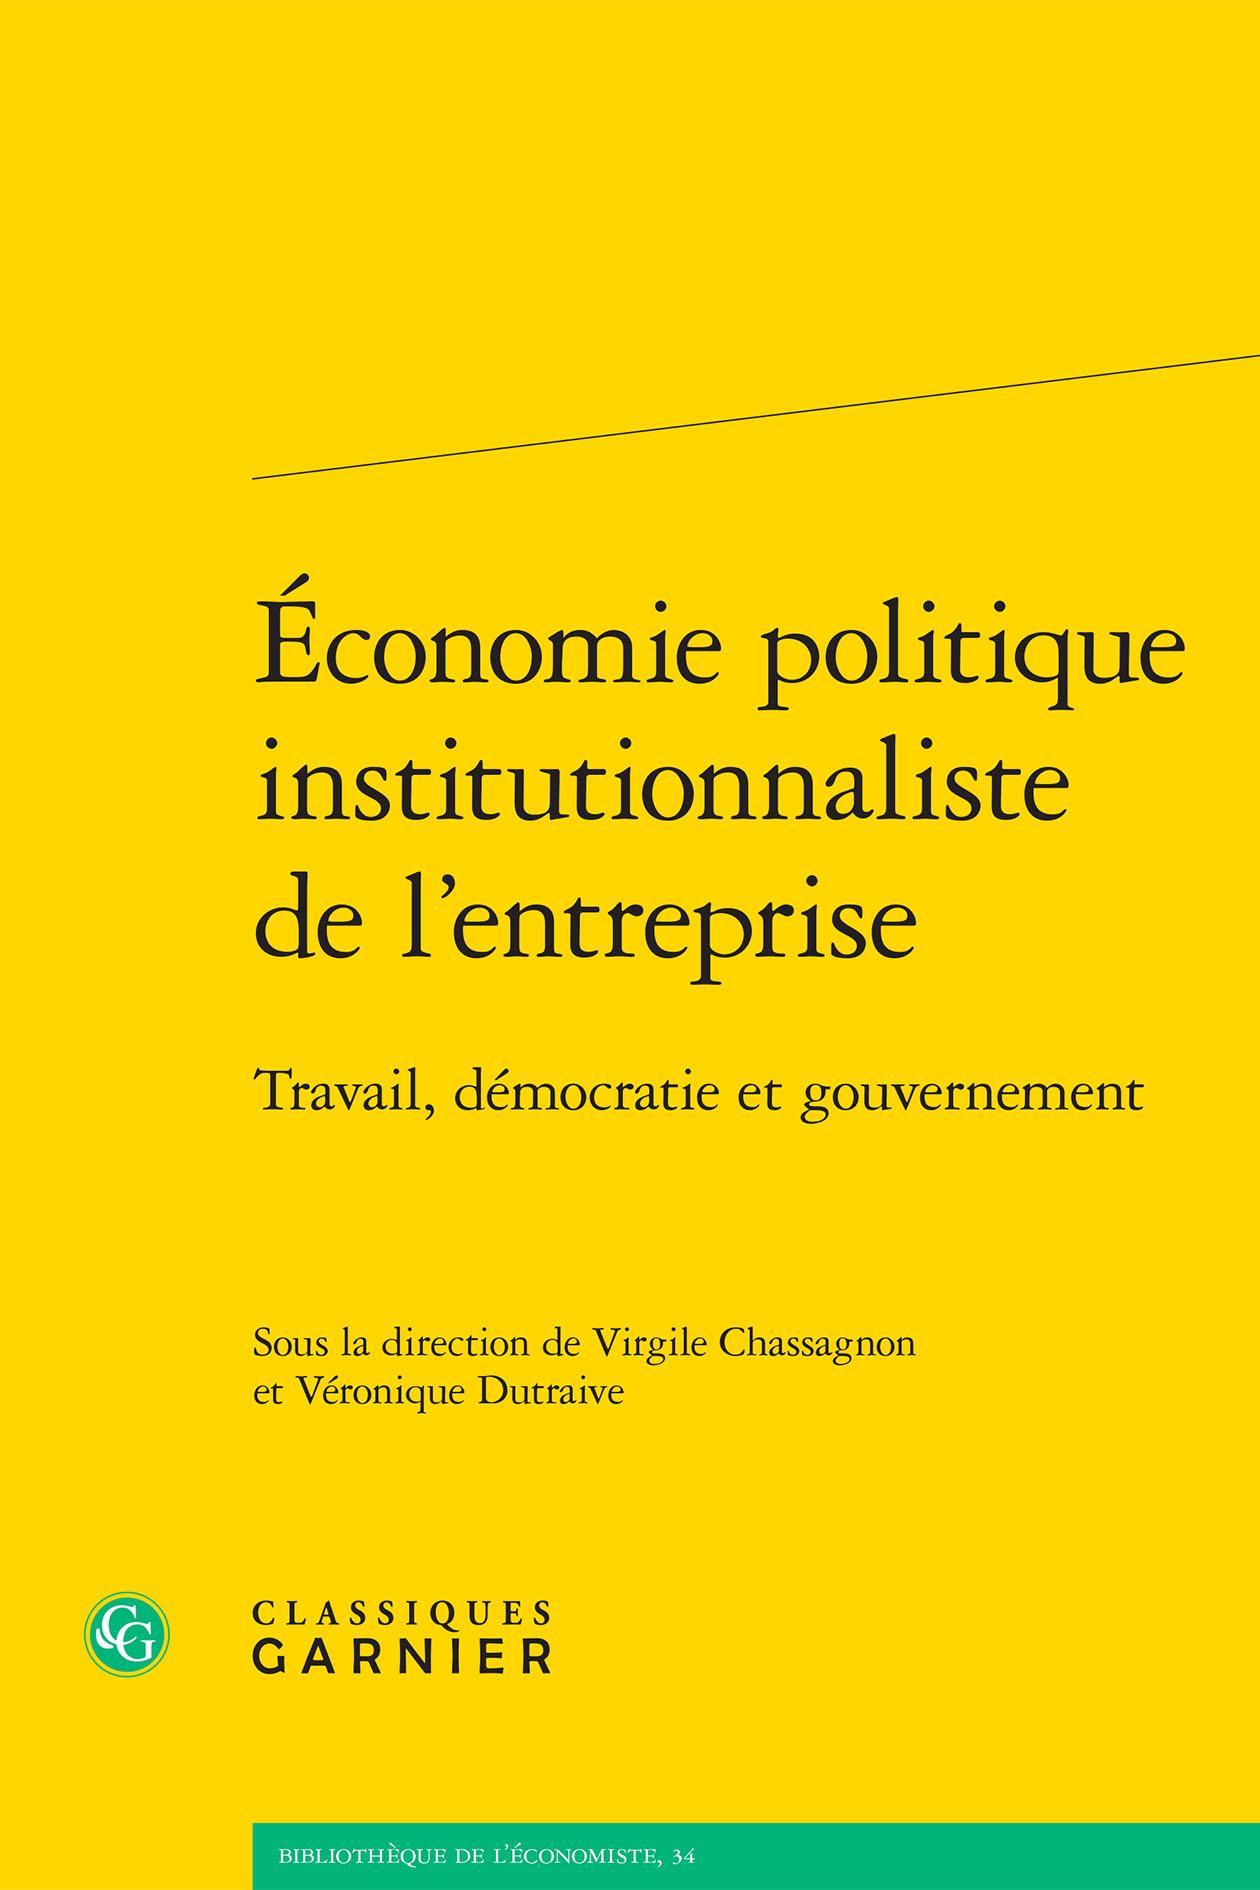 economie_politique_institutionnaliste_de_lentreprise.jpg